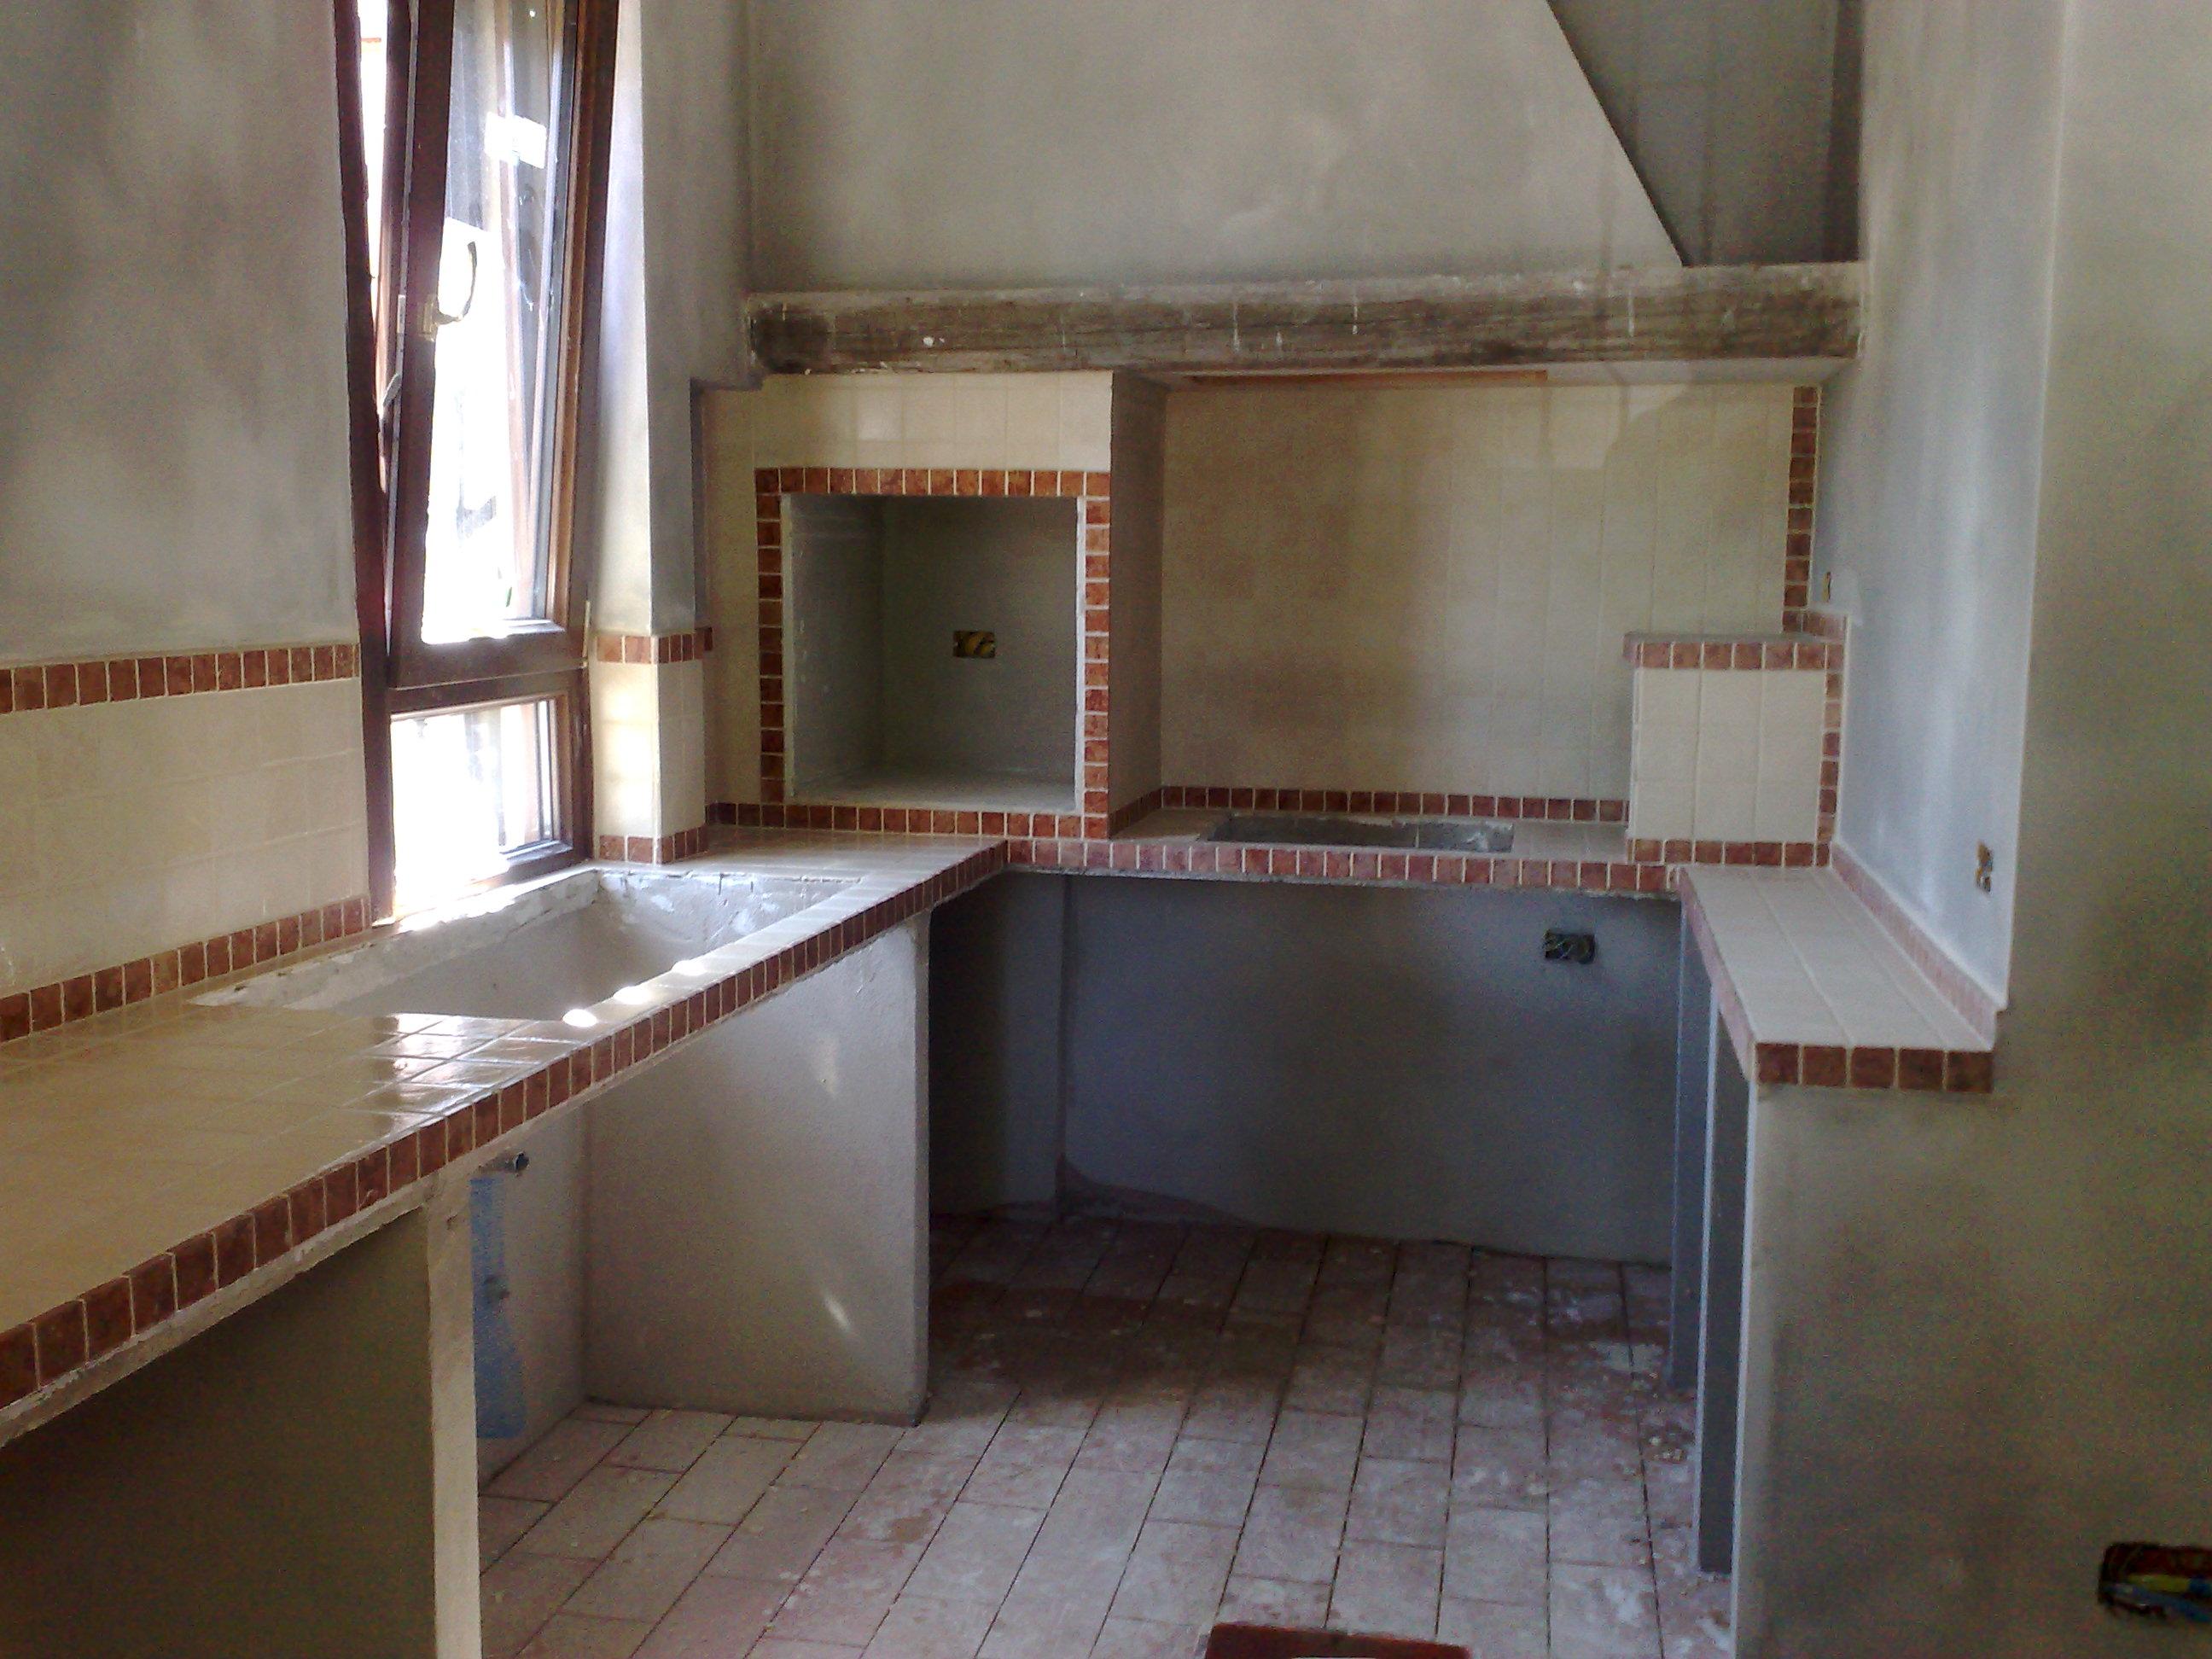 Muratura e interni come faccio a - Progettare cucina in muratura ...